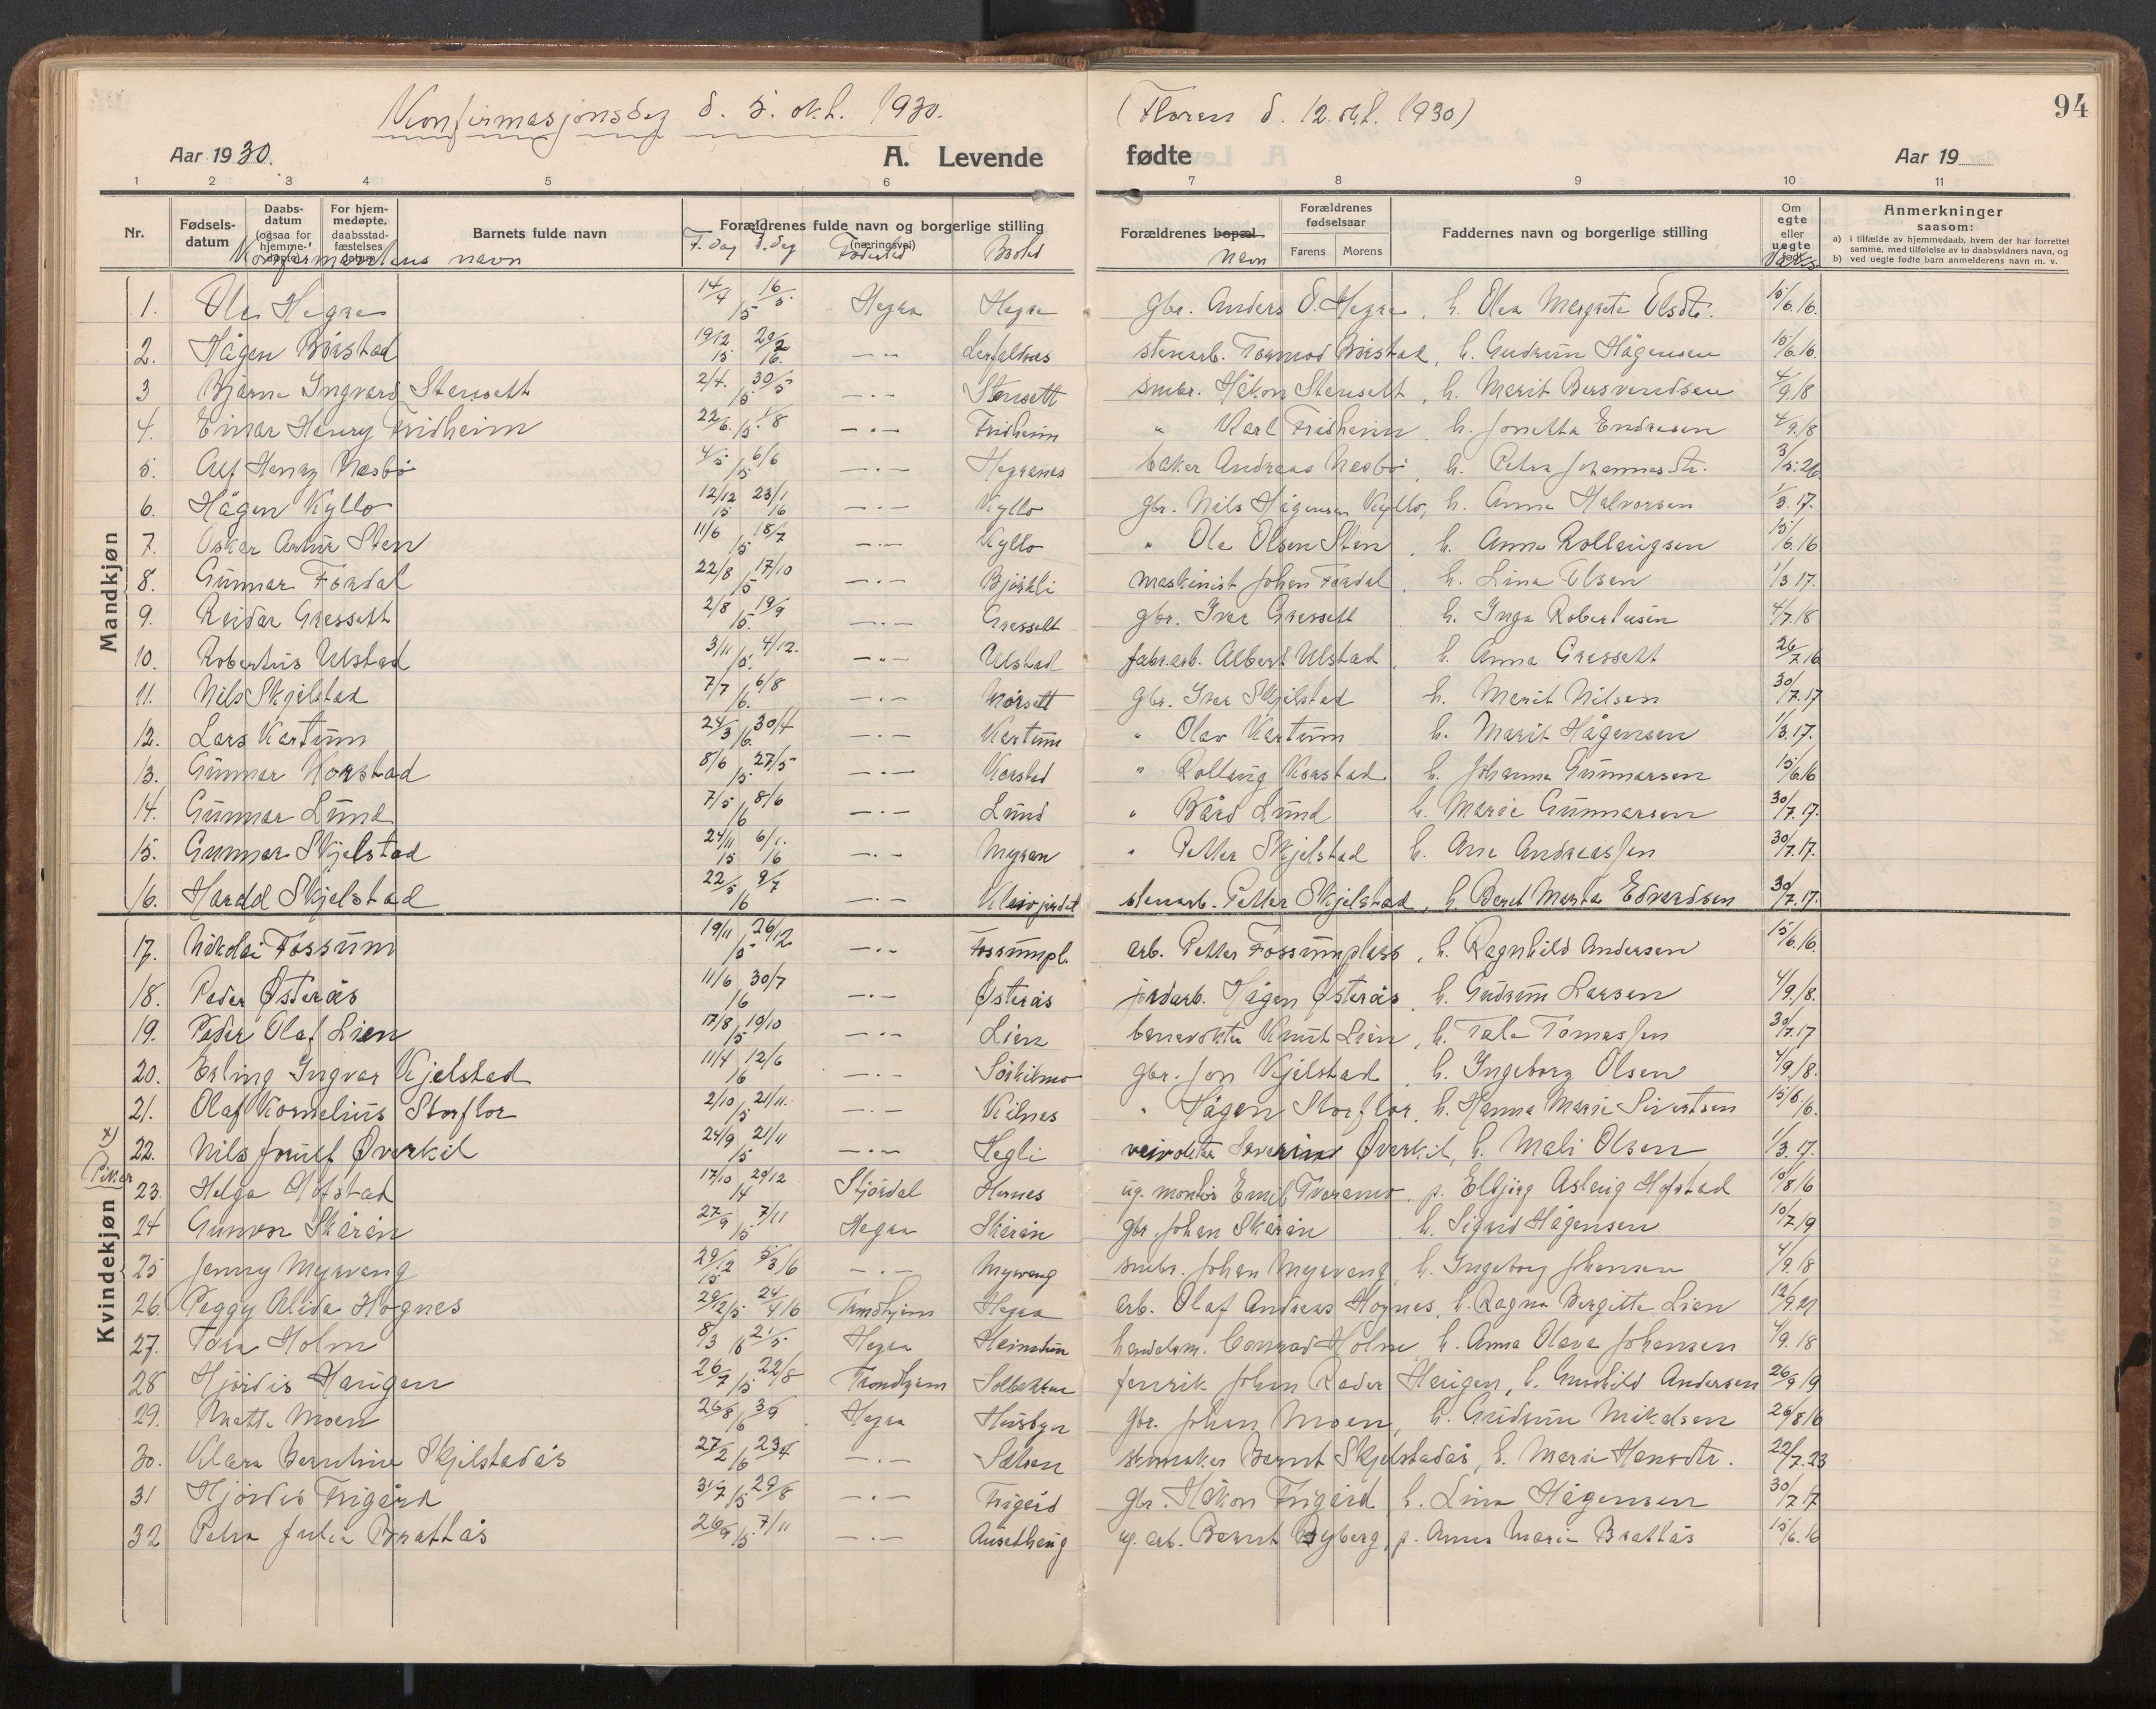 SAT, Ministerialprotokoller, klokkerbøker og fødselsregistre - Nord-Trøndelag, 703/L0037: Parish register (official) no. 703A10, 1915-1932, p. 94